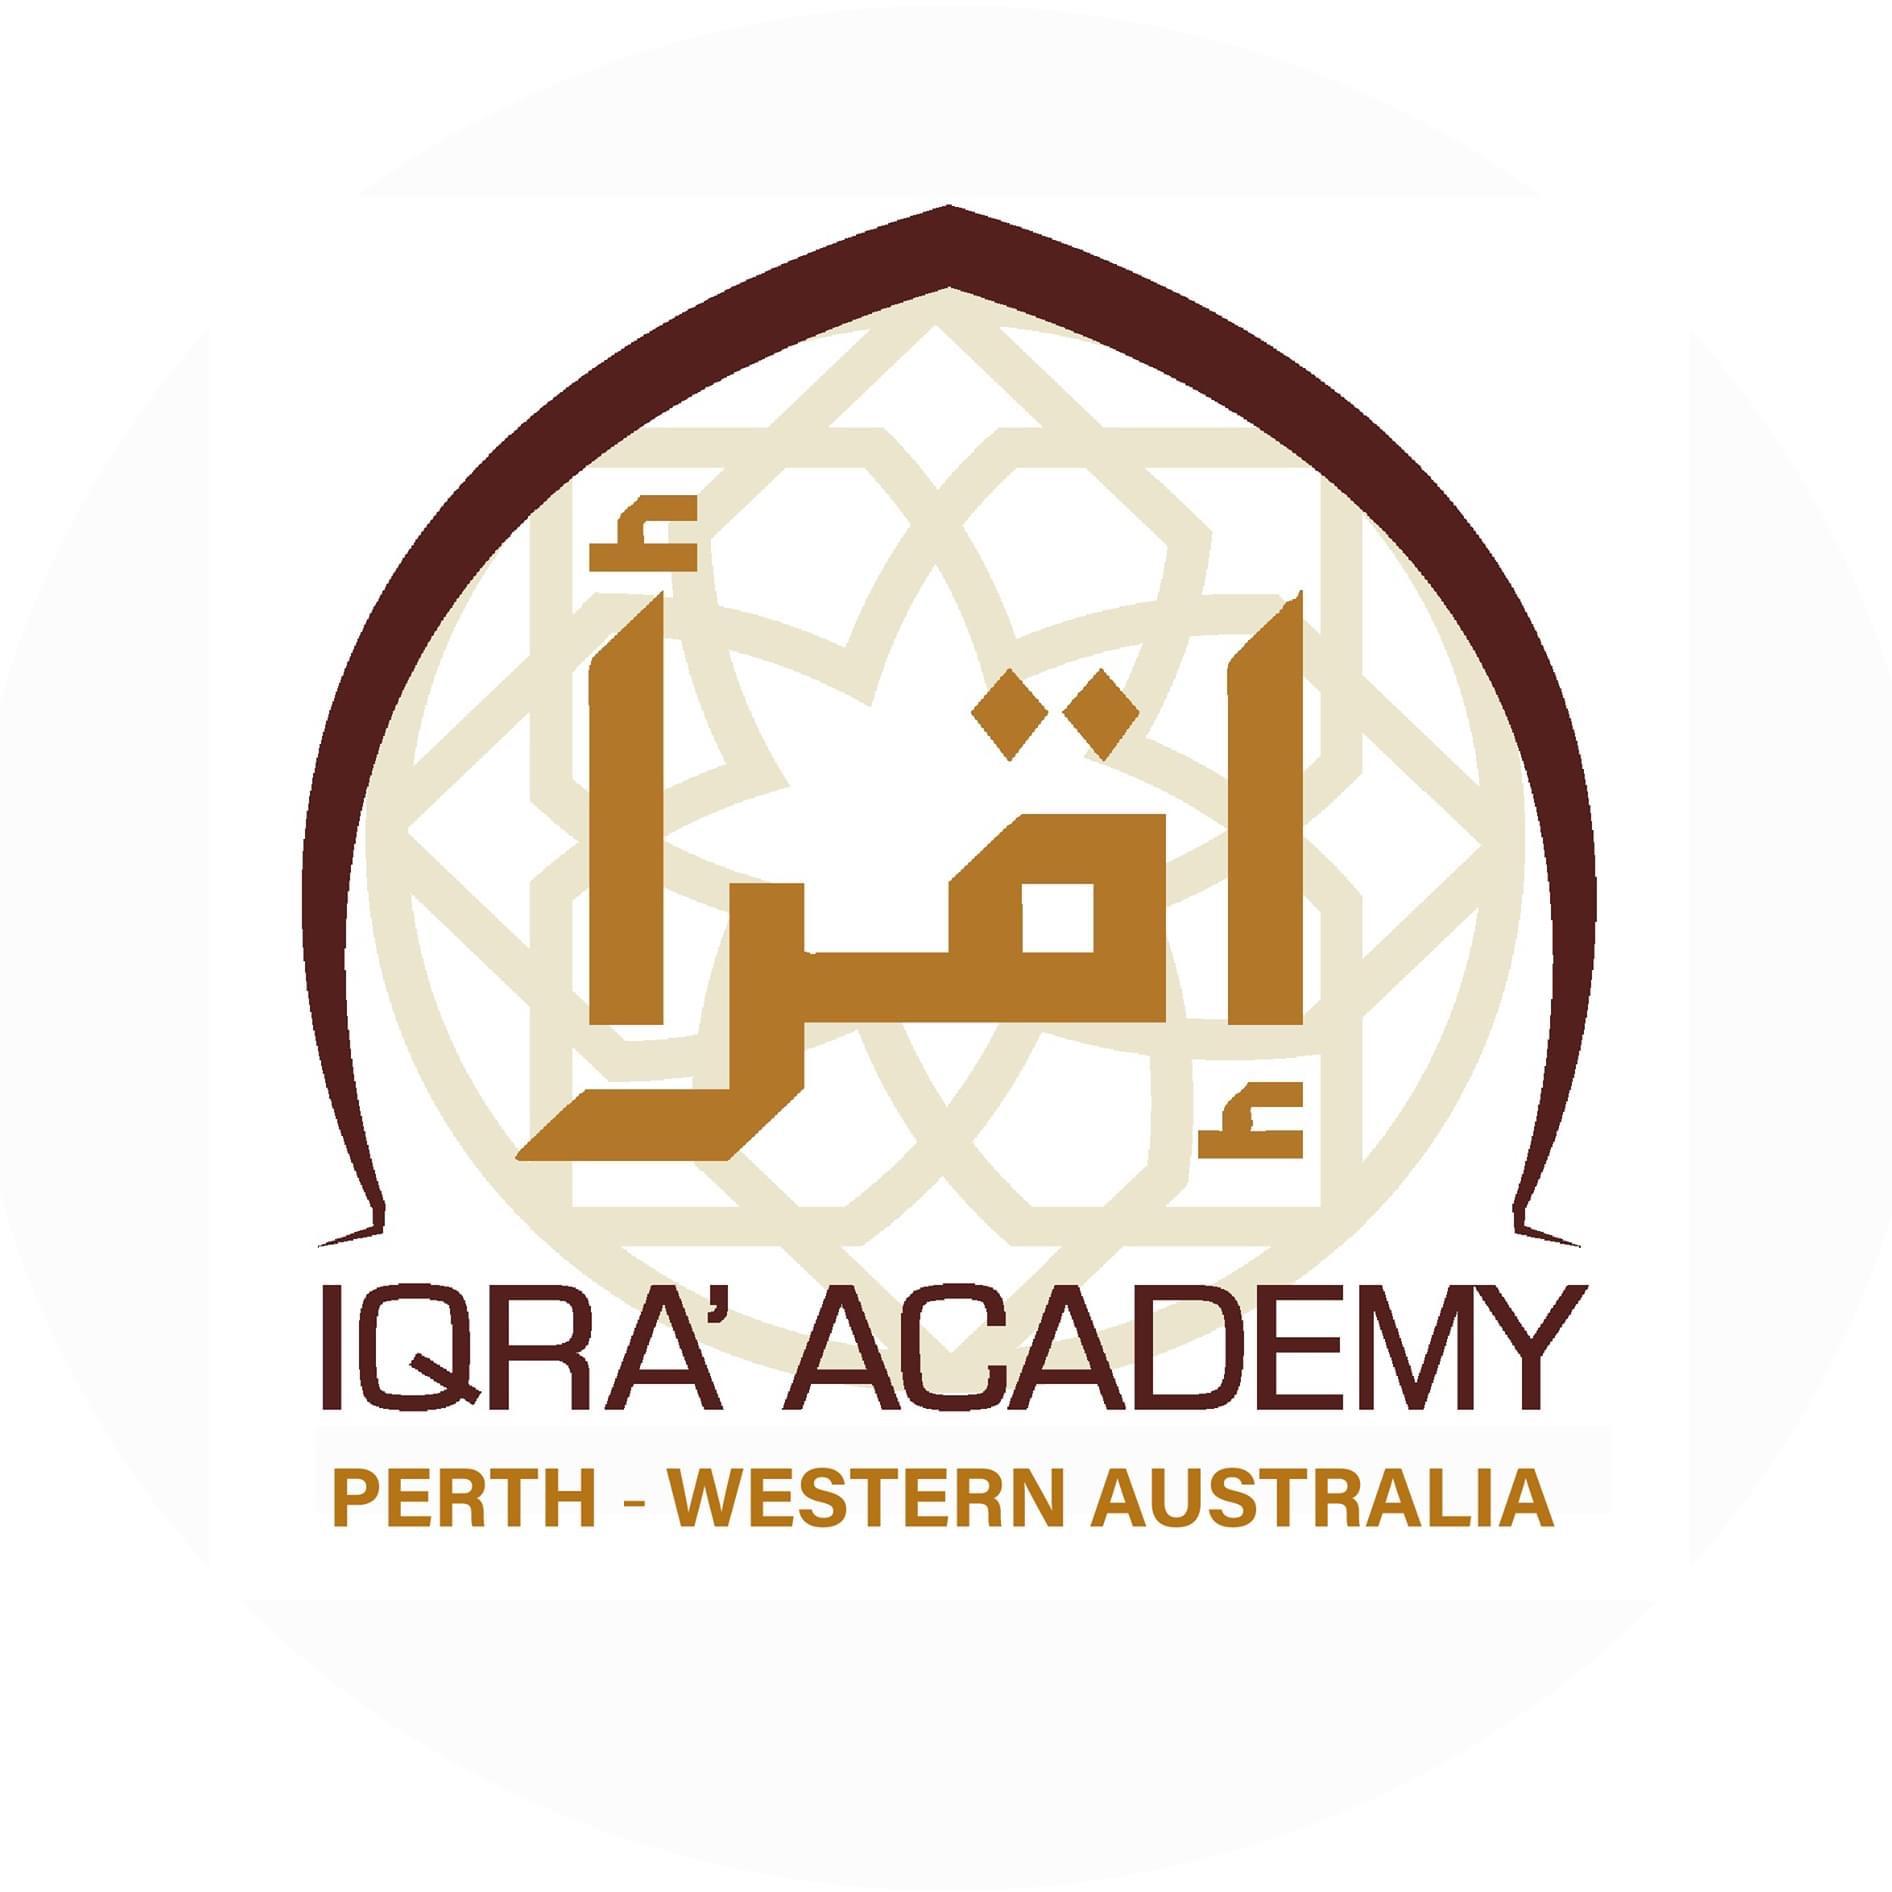 Iqraa Academy